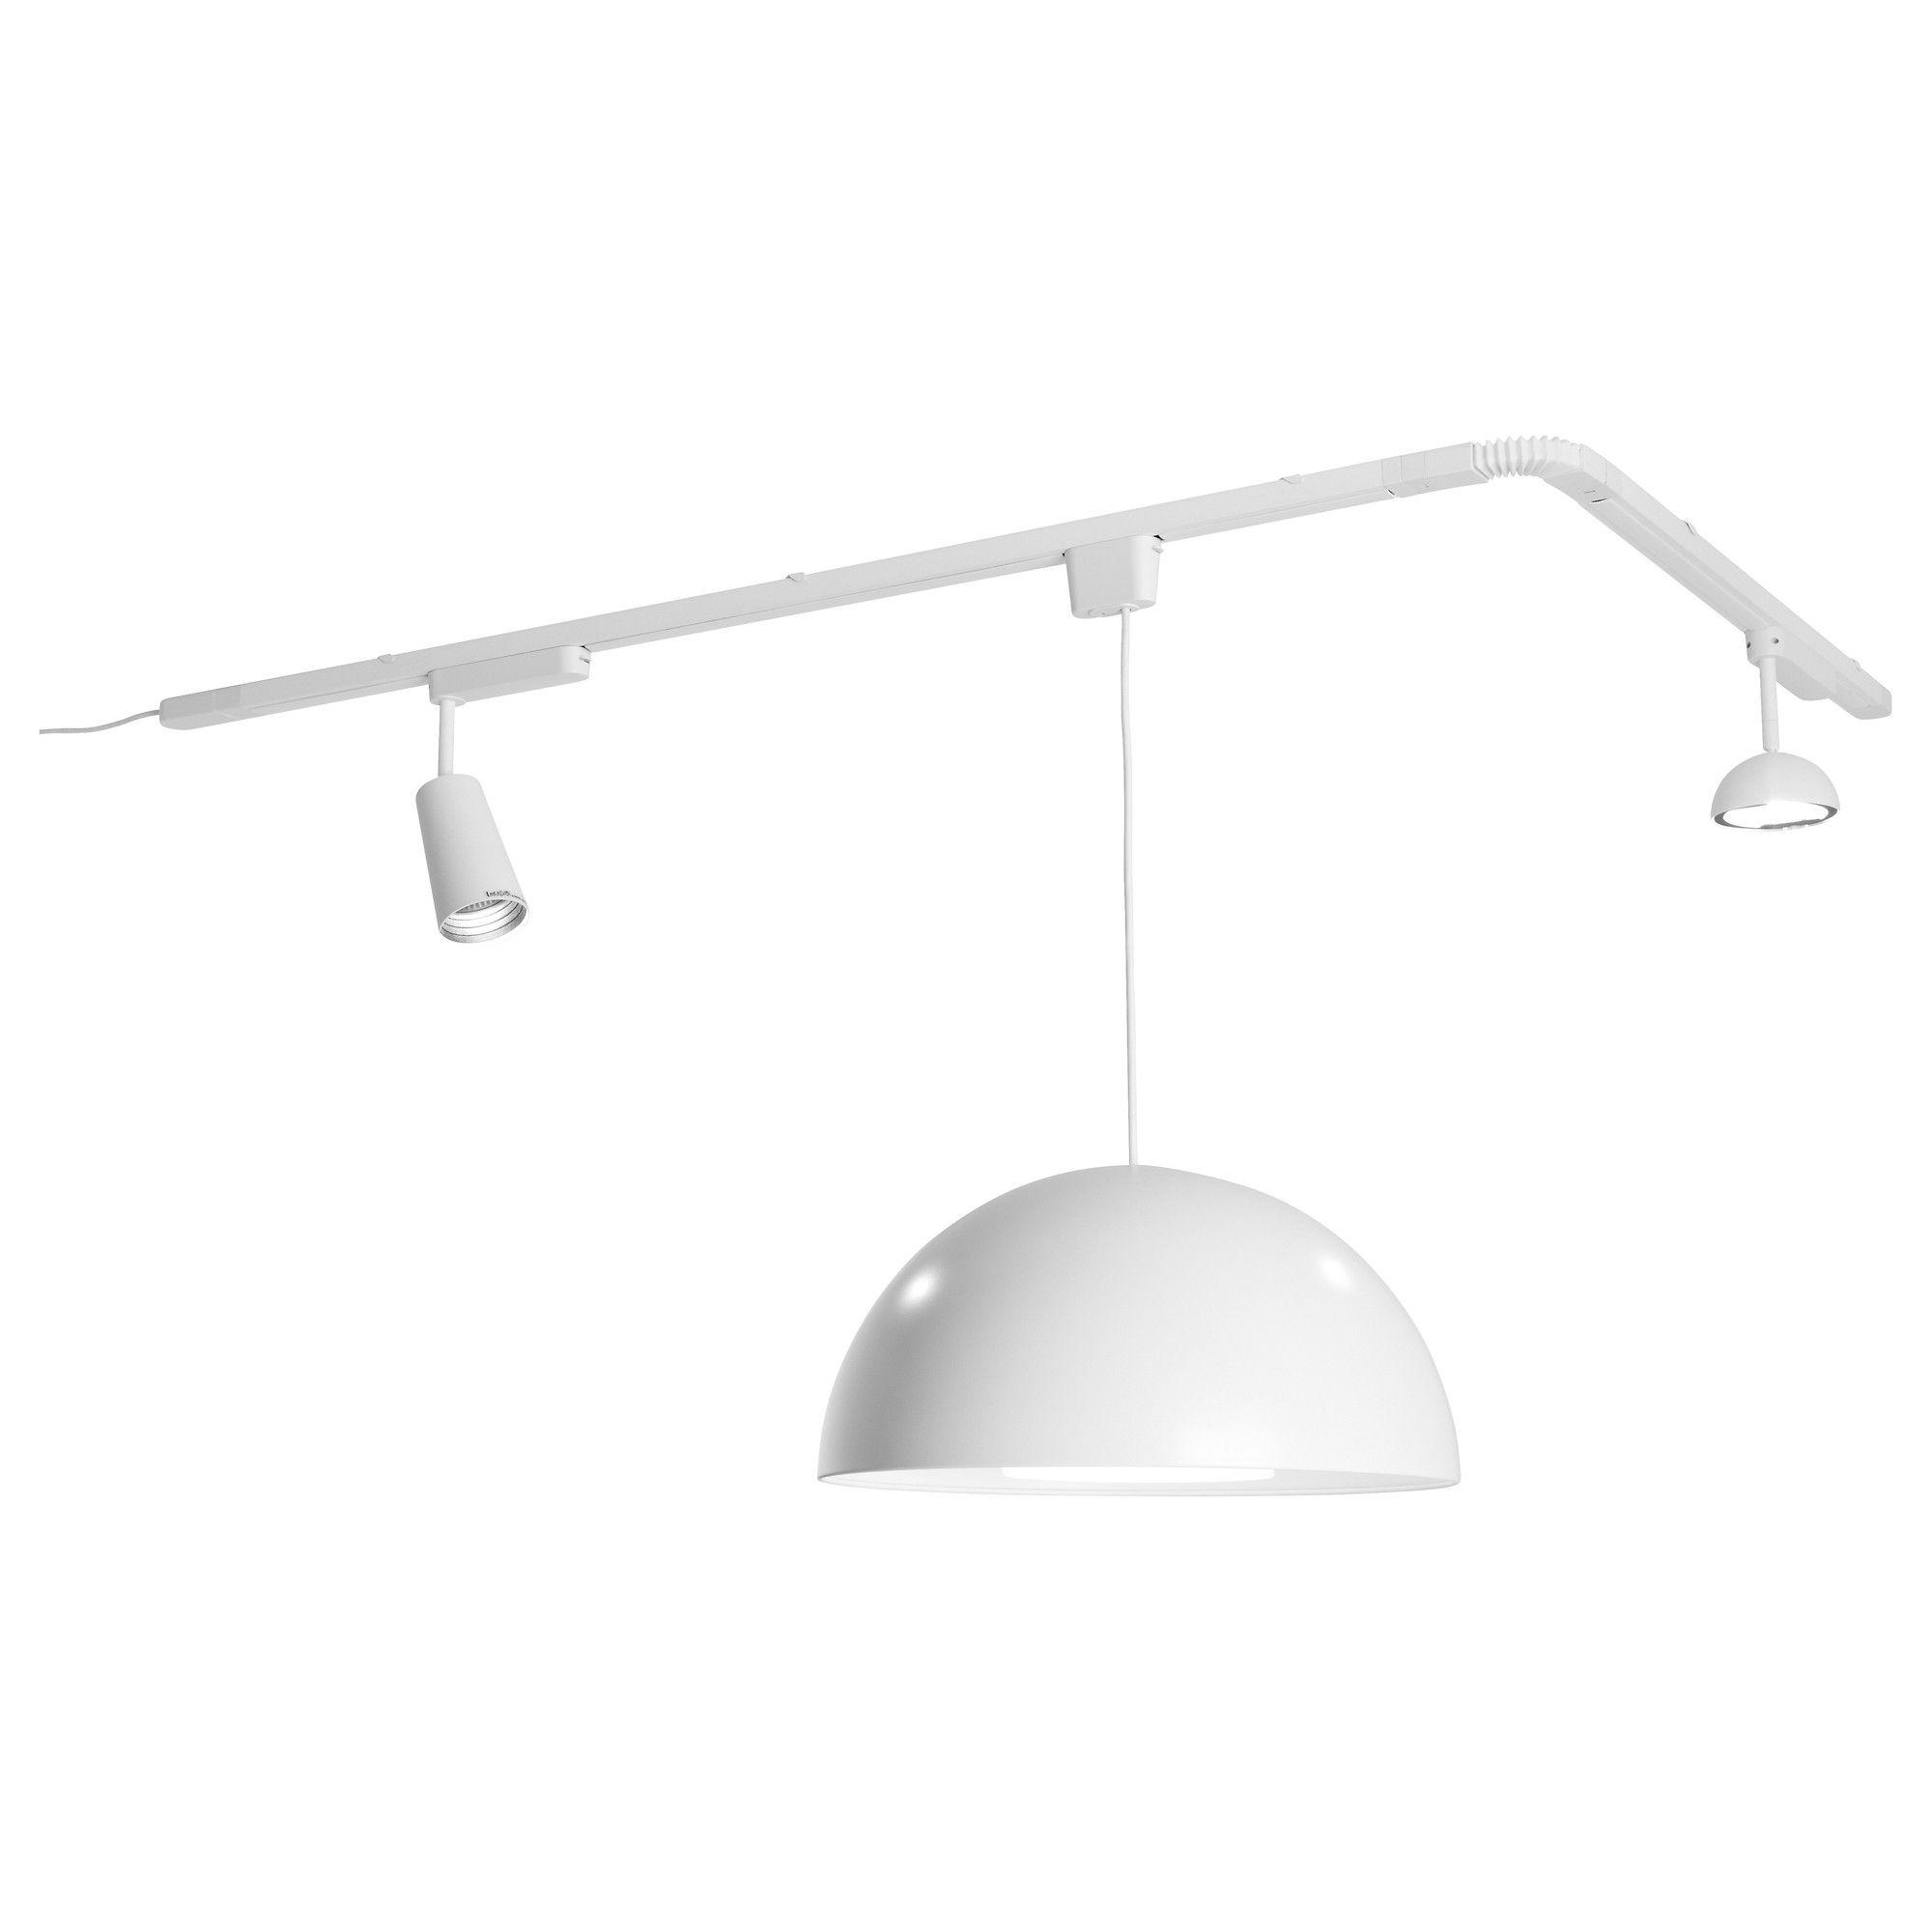 IKEA 365+ SÄNDA rail - IKEA Kun je combineren met 2 verschillende spots,  gericht